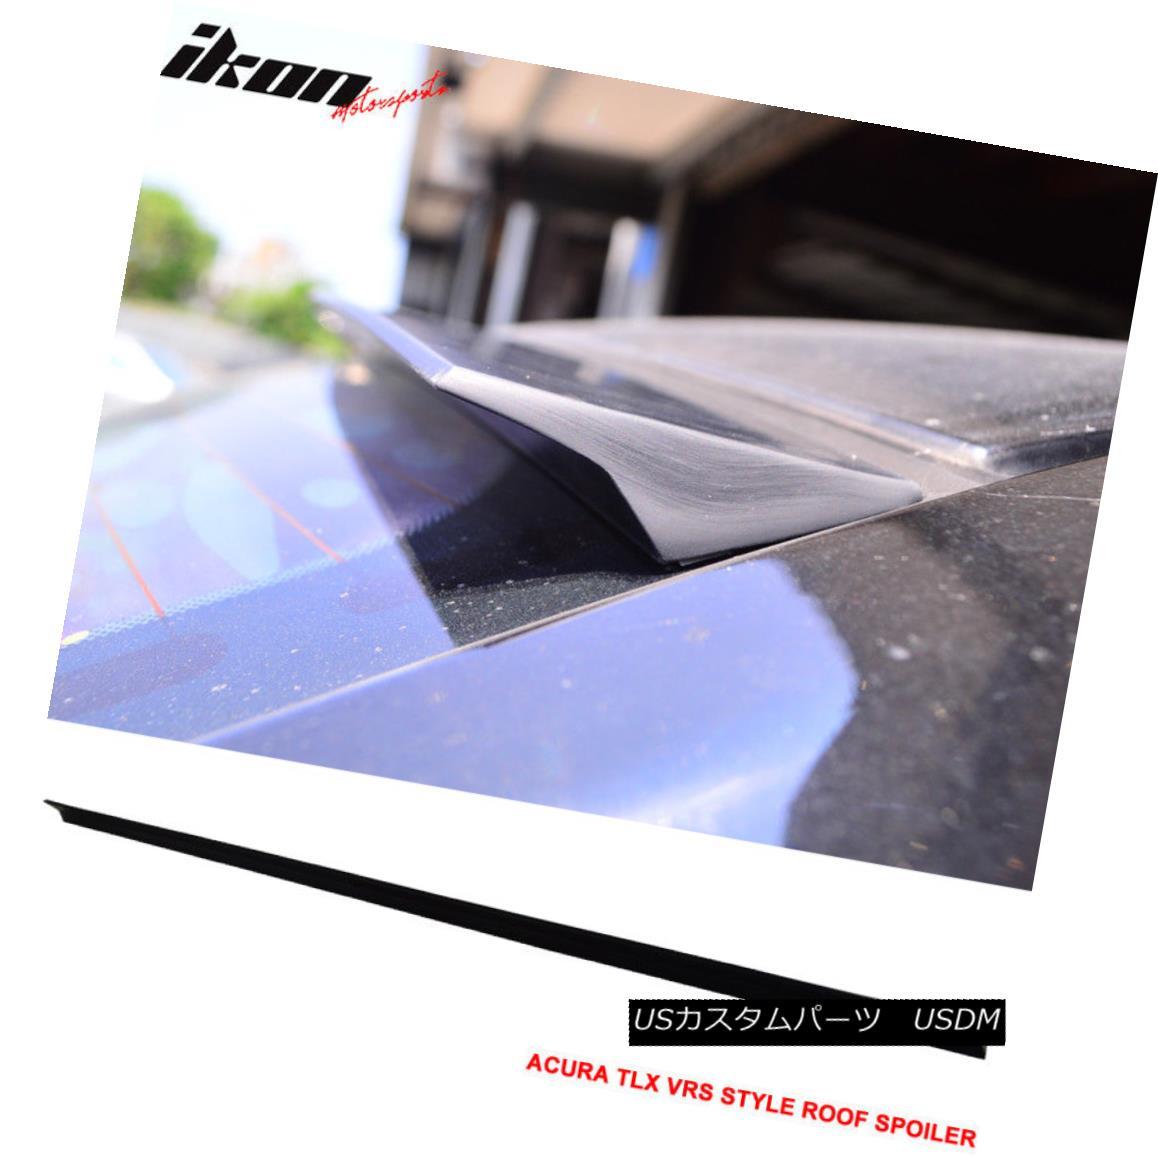 エアロパーツ 15-18 Acura TLX 4Dr VRS Style Roof Spoiler Unpainted Black - PUF 15-18 Acura TLX 4Dr VRSスタイルルーフスポイラー無塗装黒 - PUF